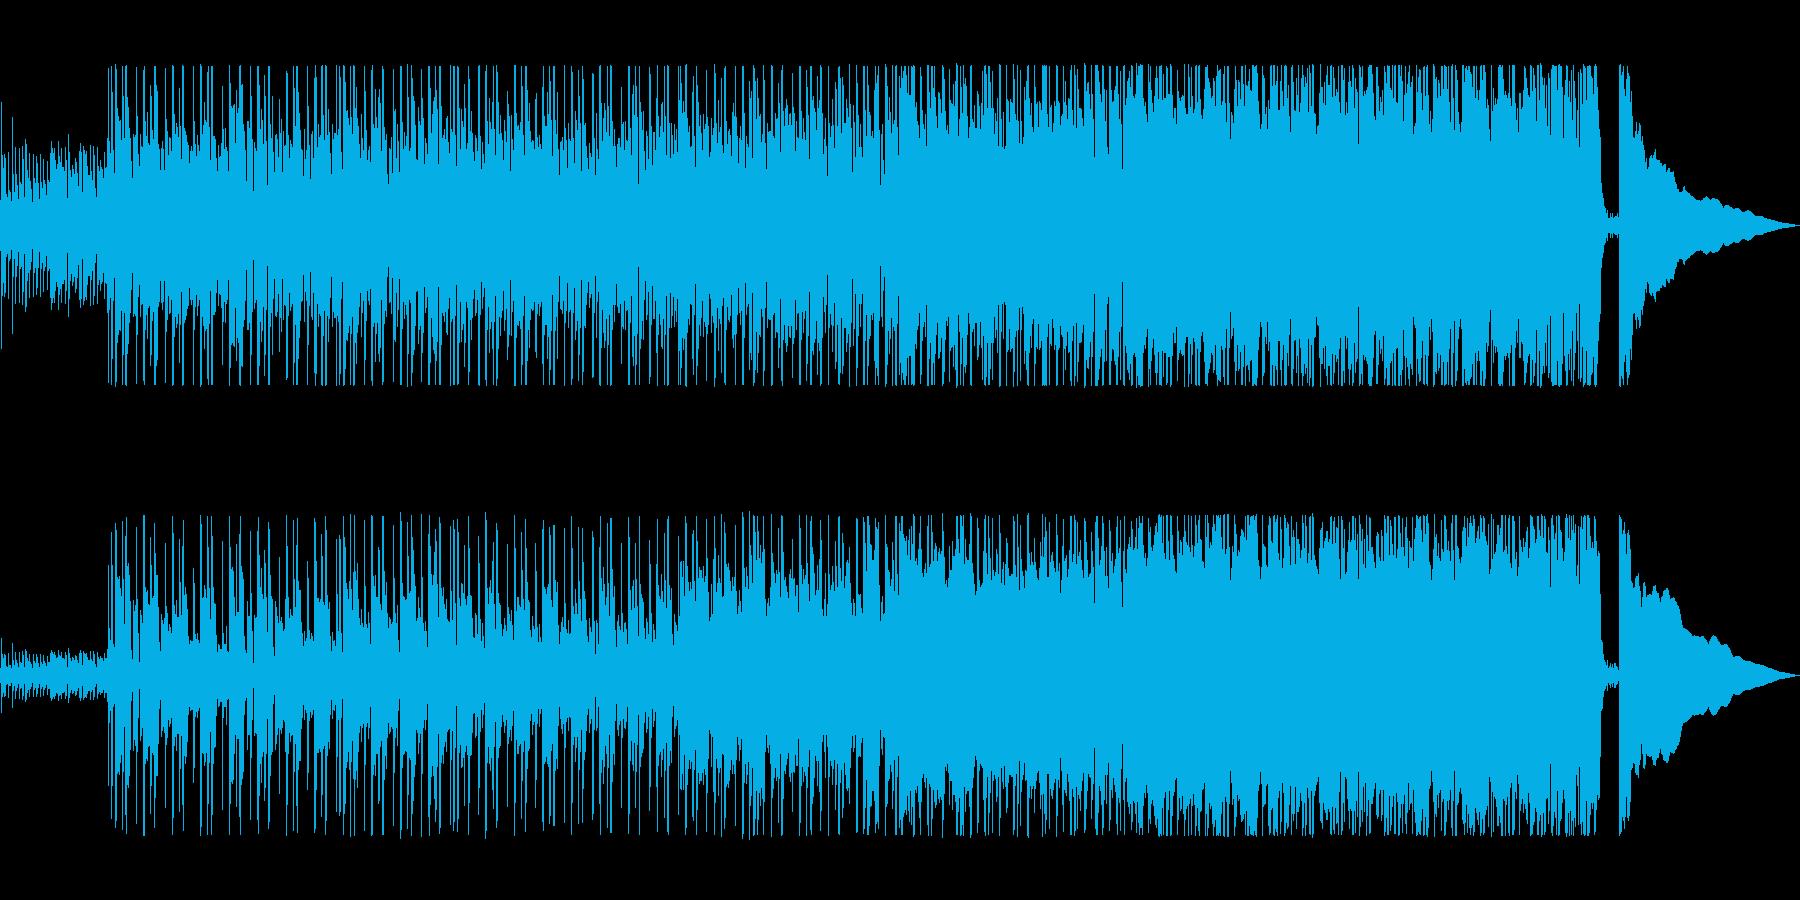 爽やかでかっこいいロックの再生済みの波形